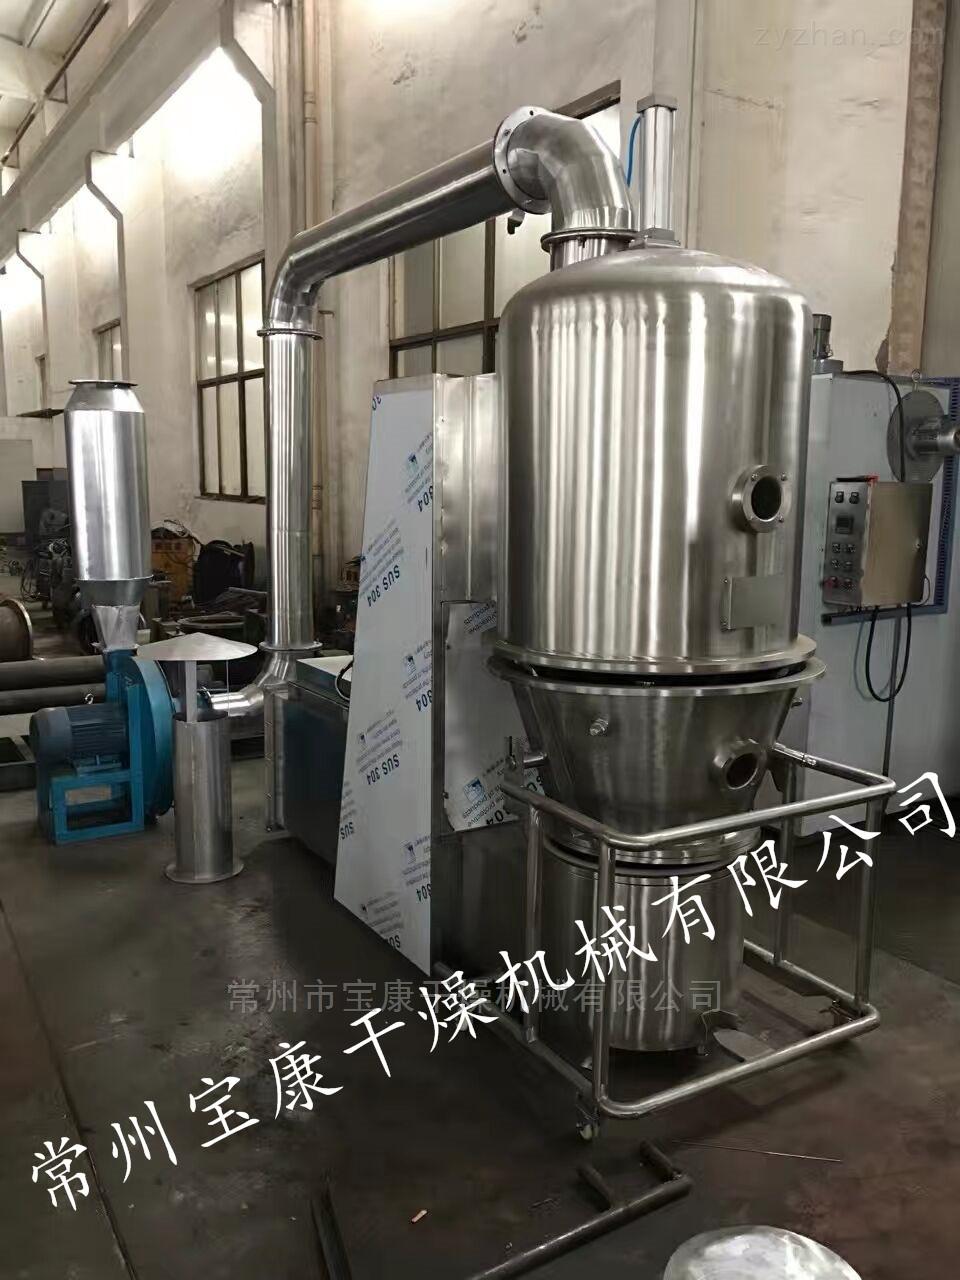 冲剂颗粒干燥设备-GFG系列高效沸腾干燥机